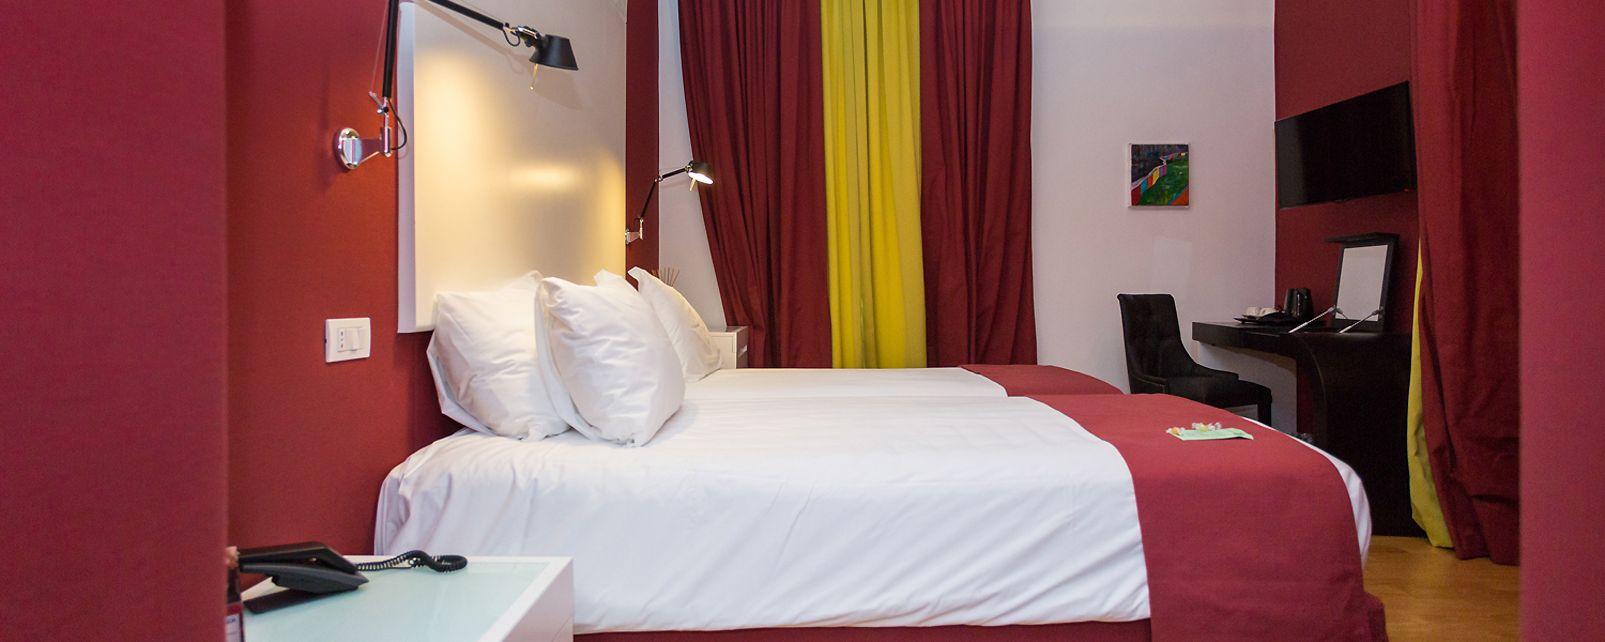 Hotel Culture Hotel Centro Storico